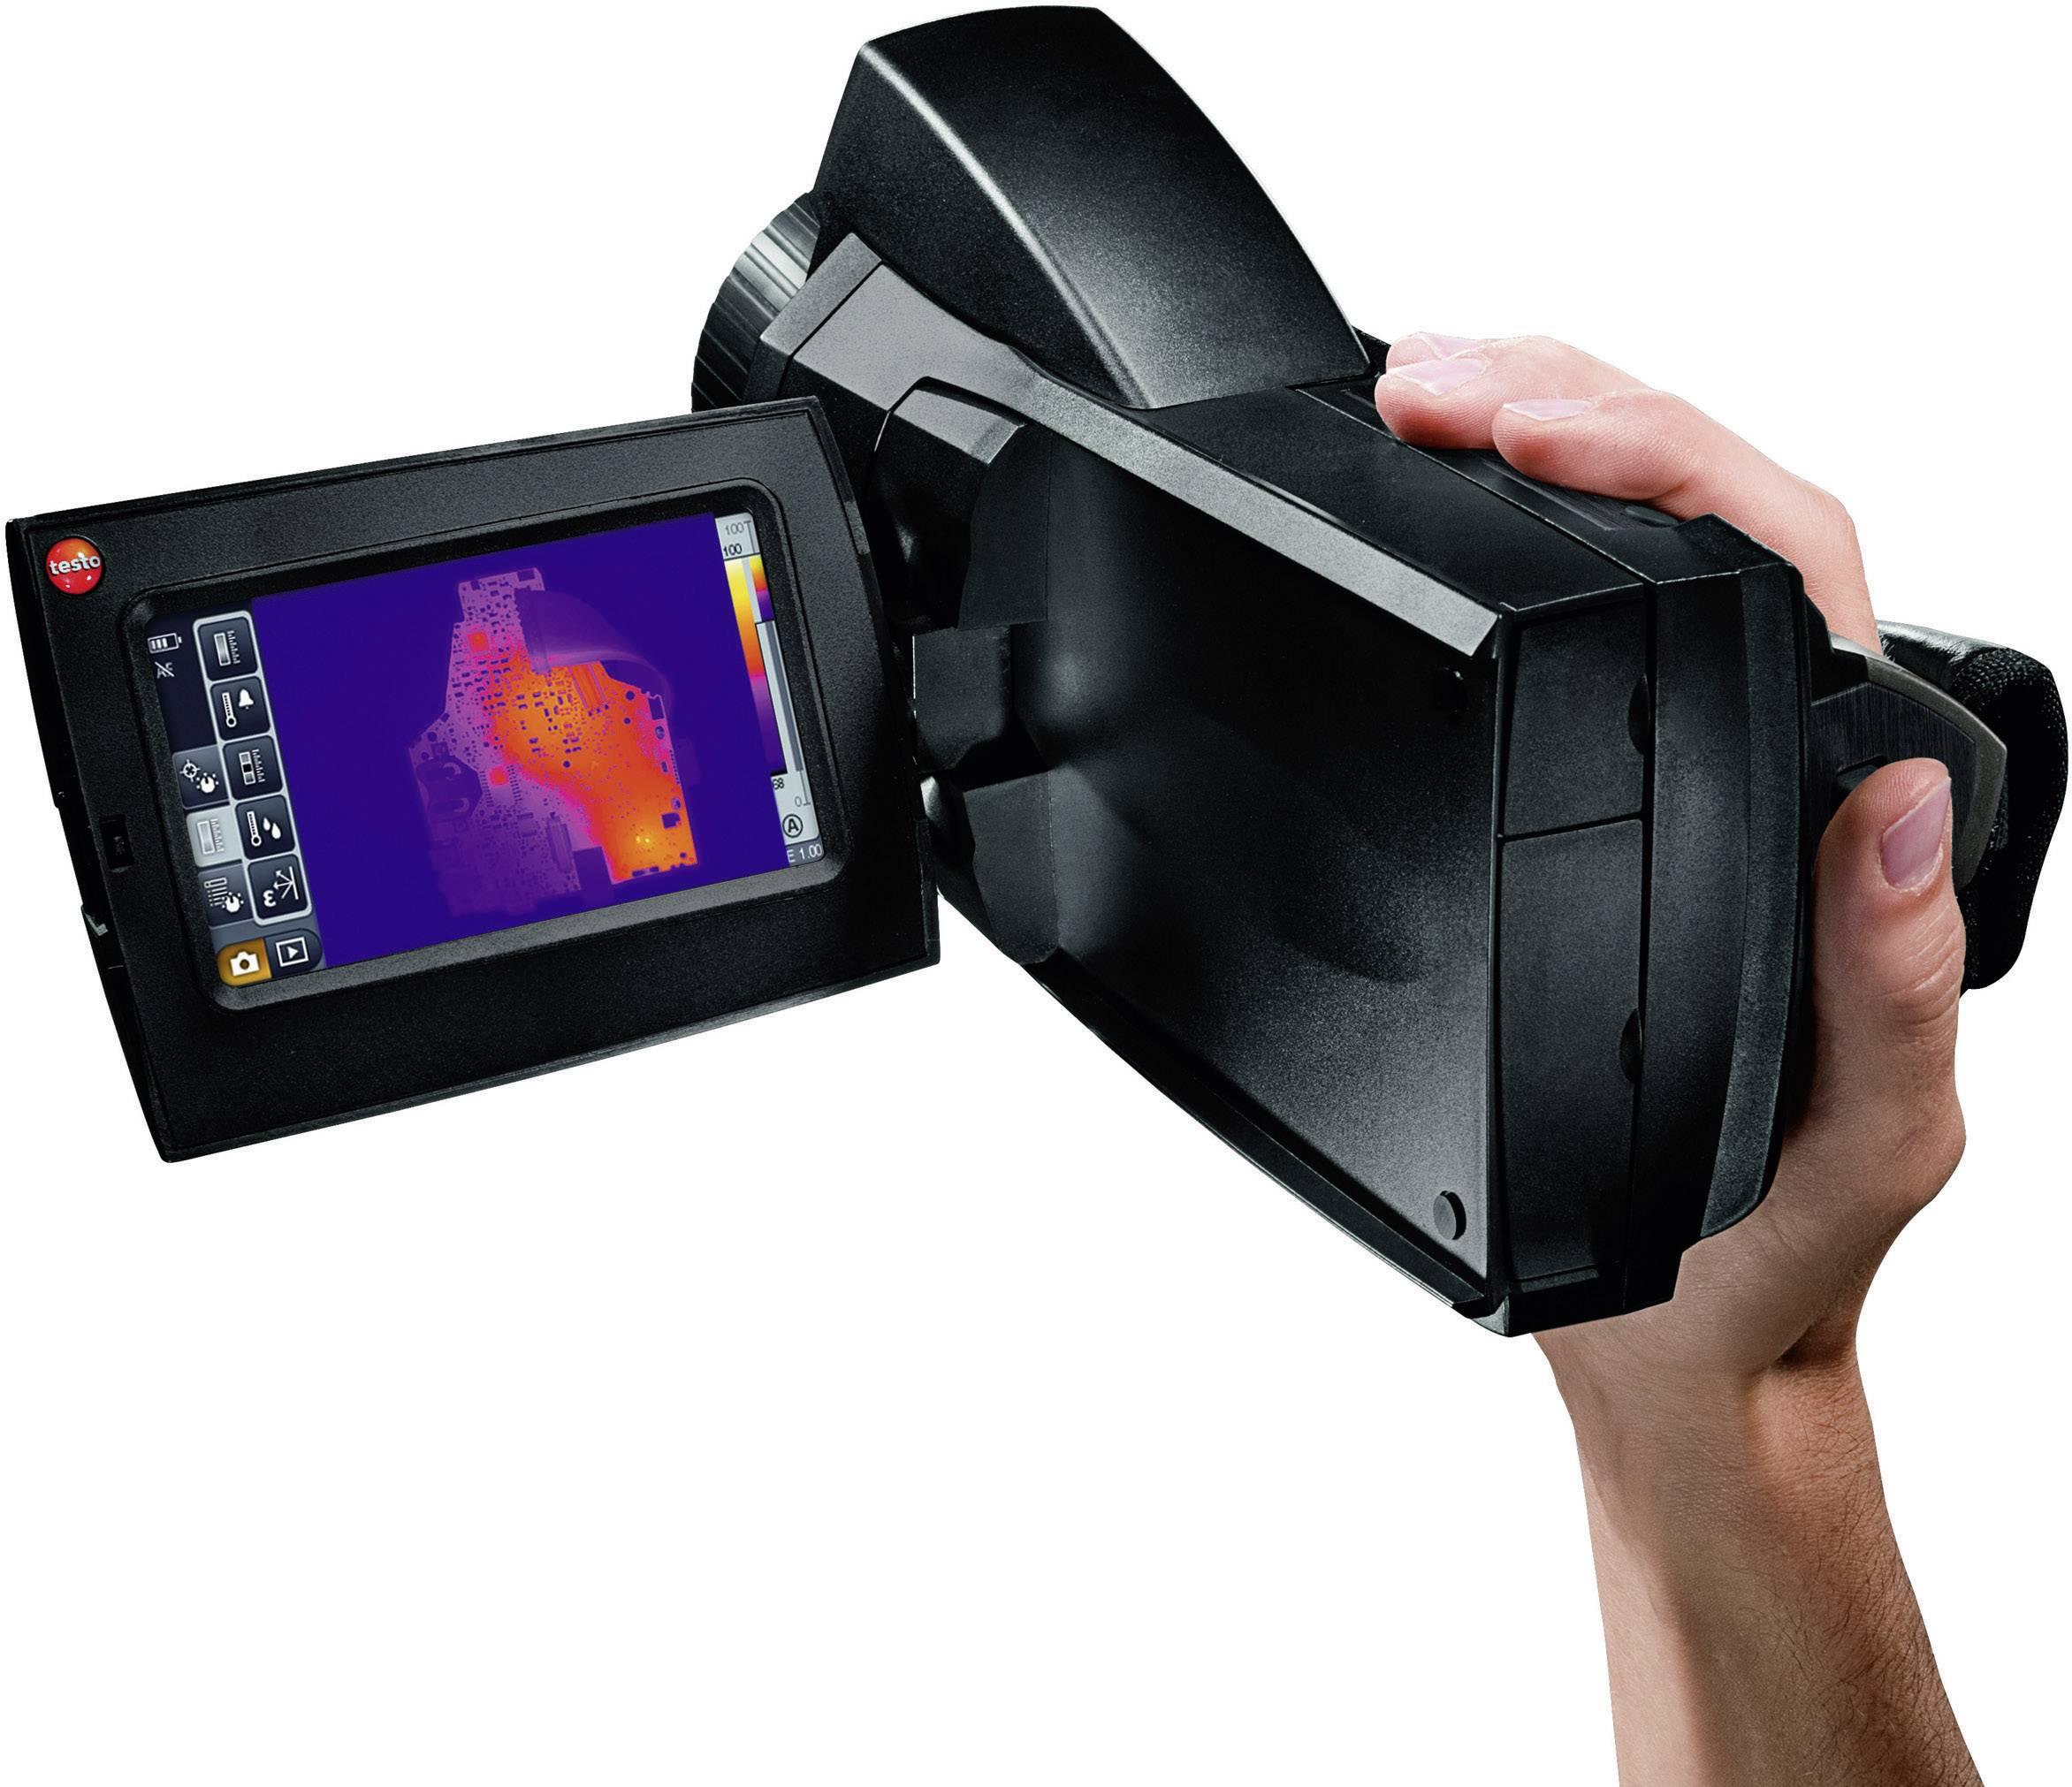 Termokamera testo 890-2 0563 0890 V2, 640 x 320 pix